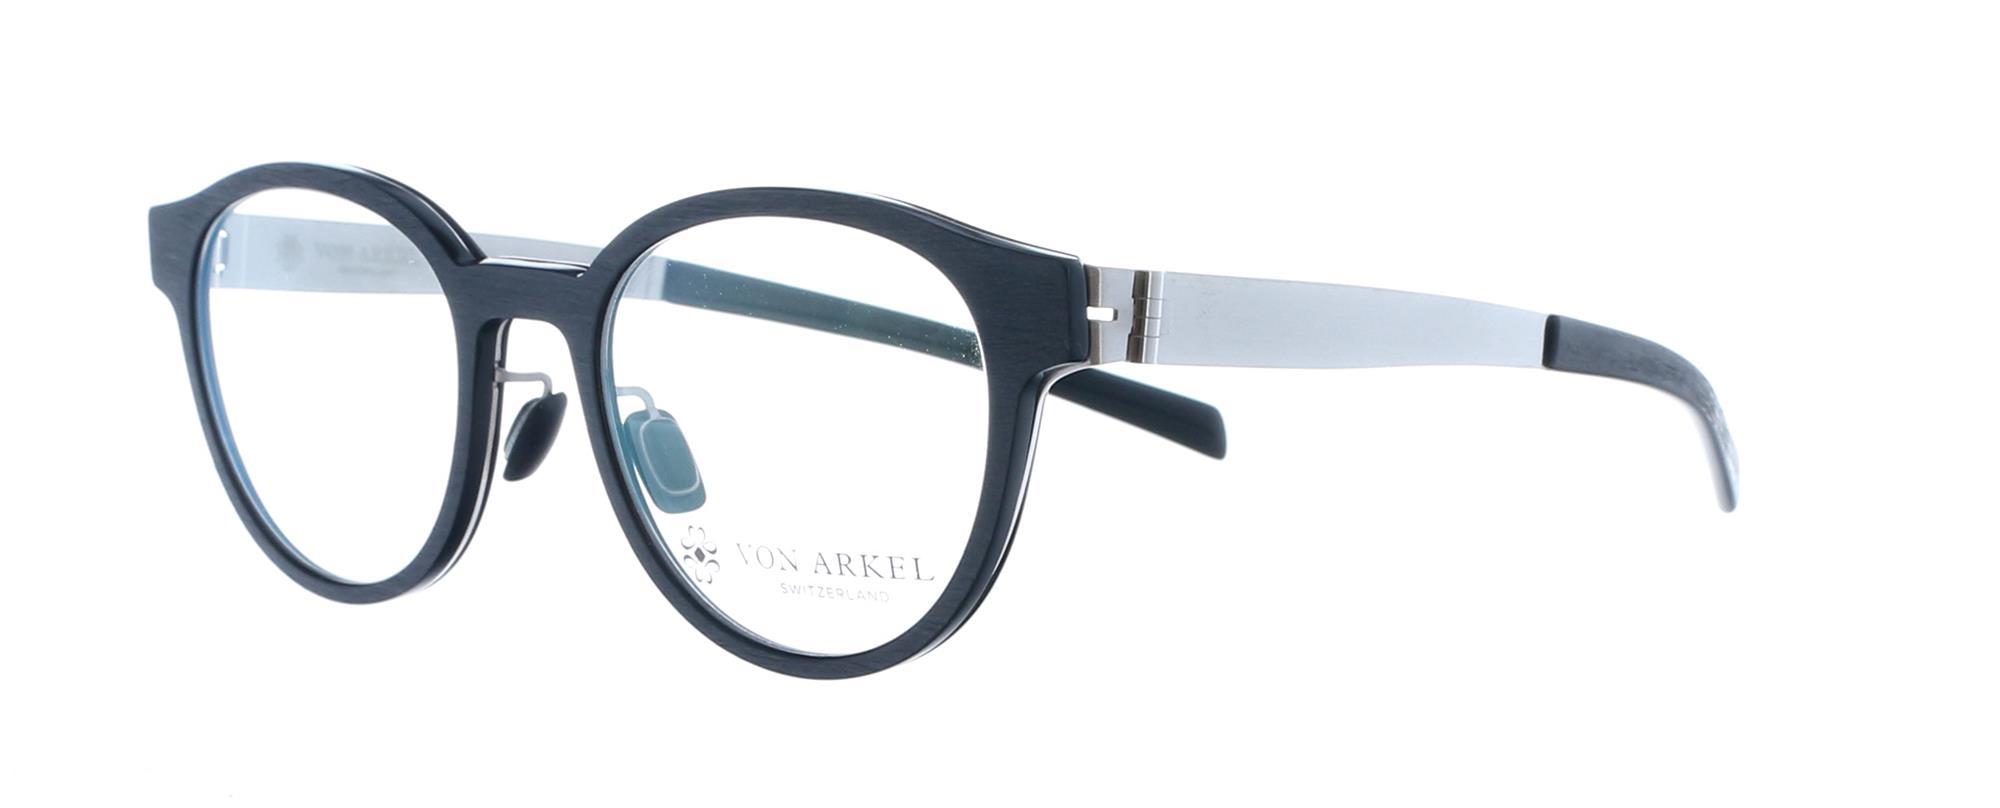 VON ARKEL   Jaques Opticiens 2a93f29037fe